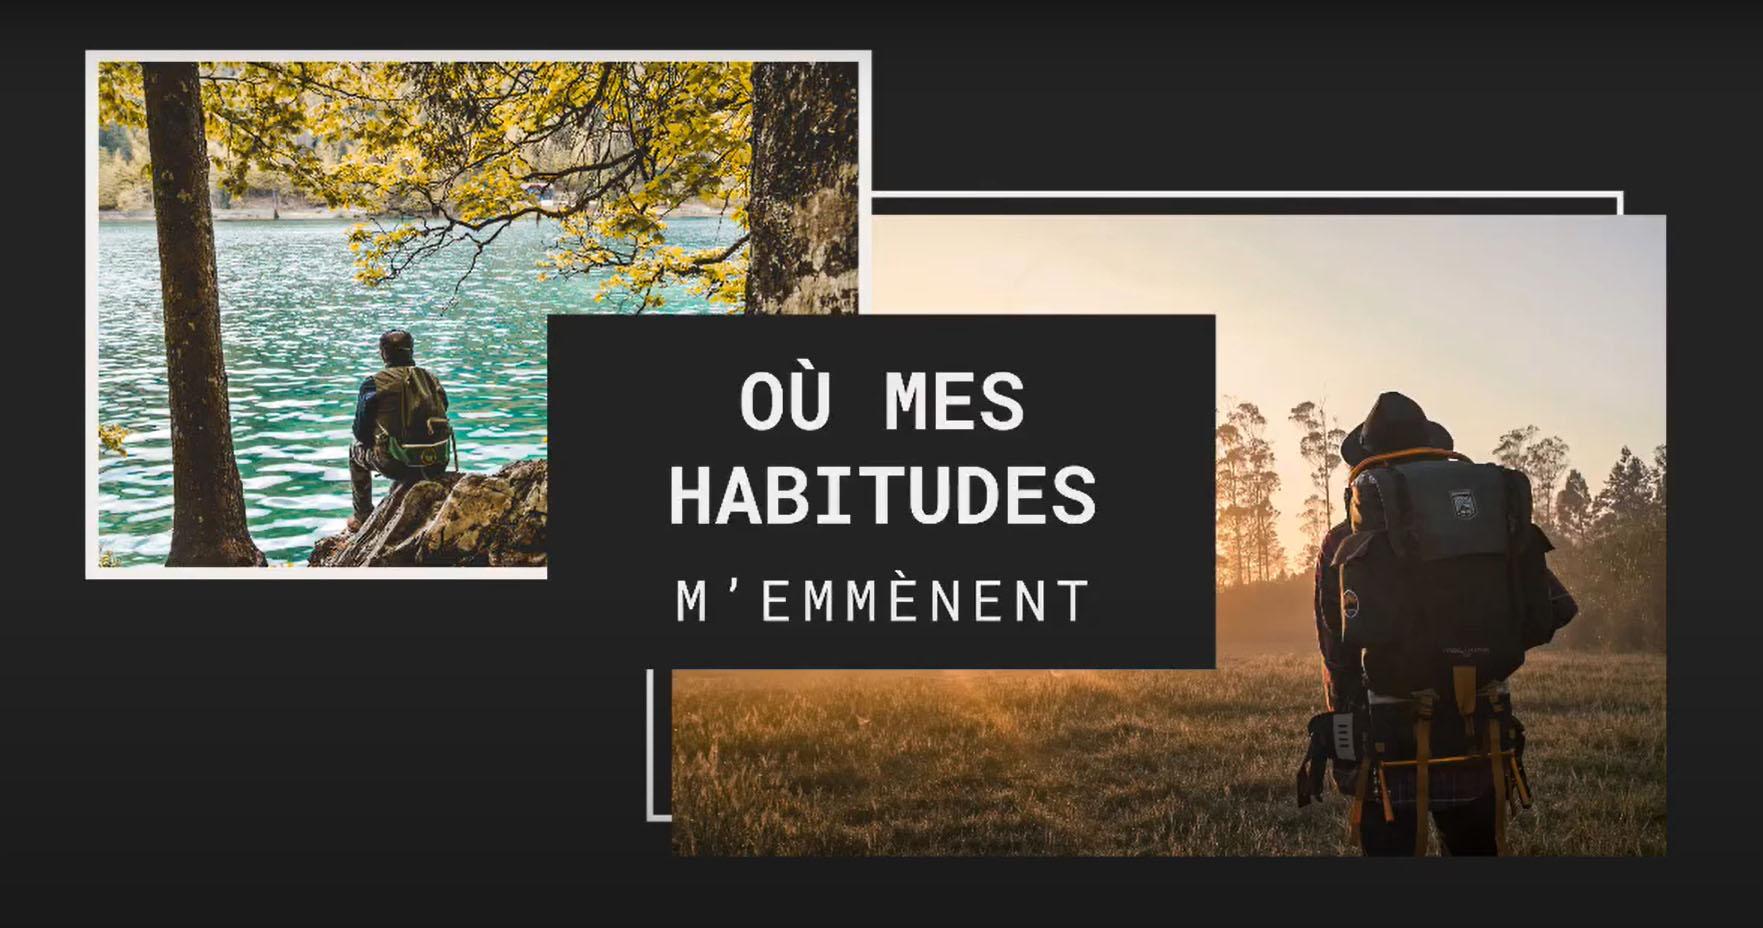 homme assis sur un rocher au bord d'un lac et un autre homme avec un chapeau et un sac à dos dans un champ regardant l'horizon